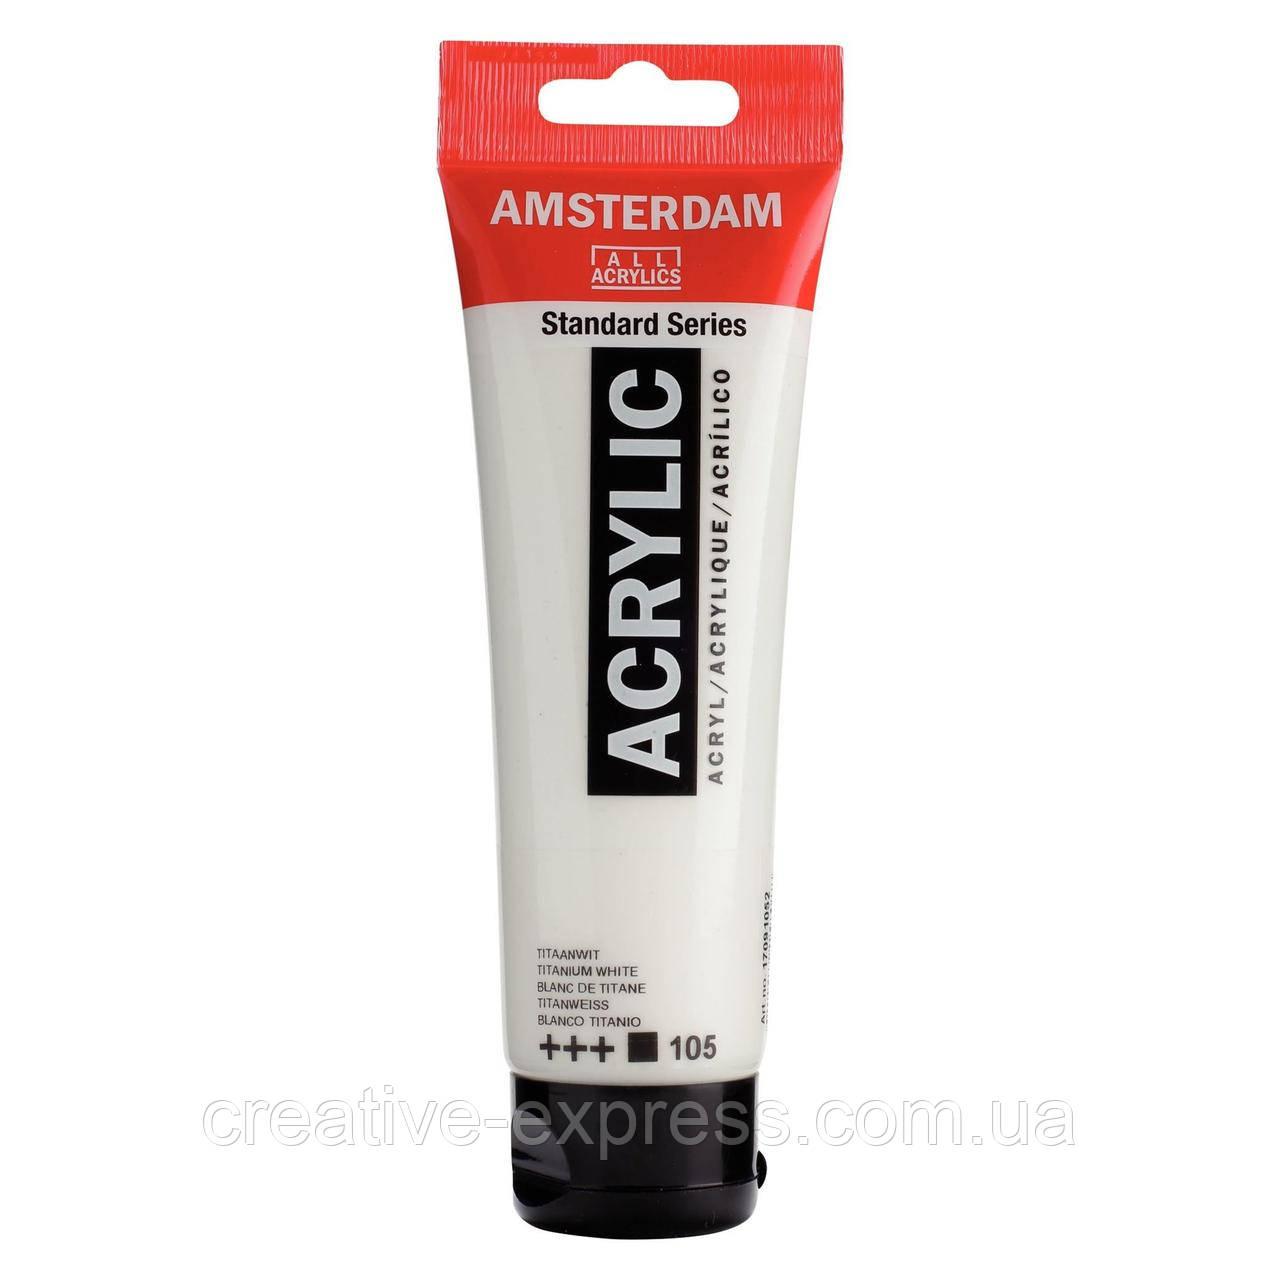 Акція! Фарба акрилова AMSTERDAM, (105) Білила титанові, 2х120 мл, Royal Talens